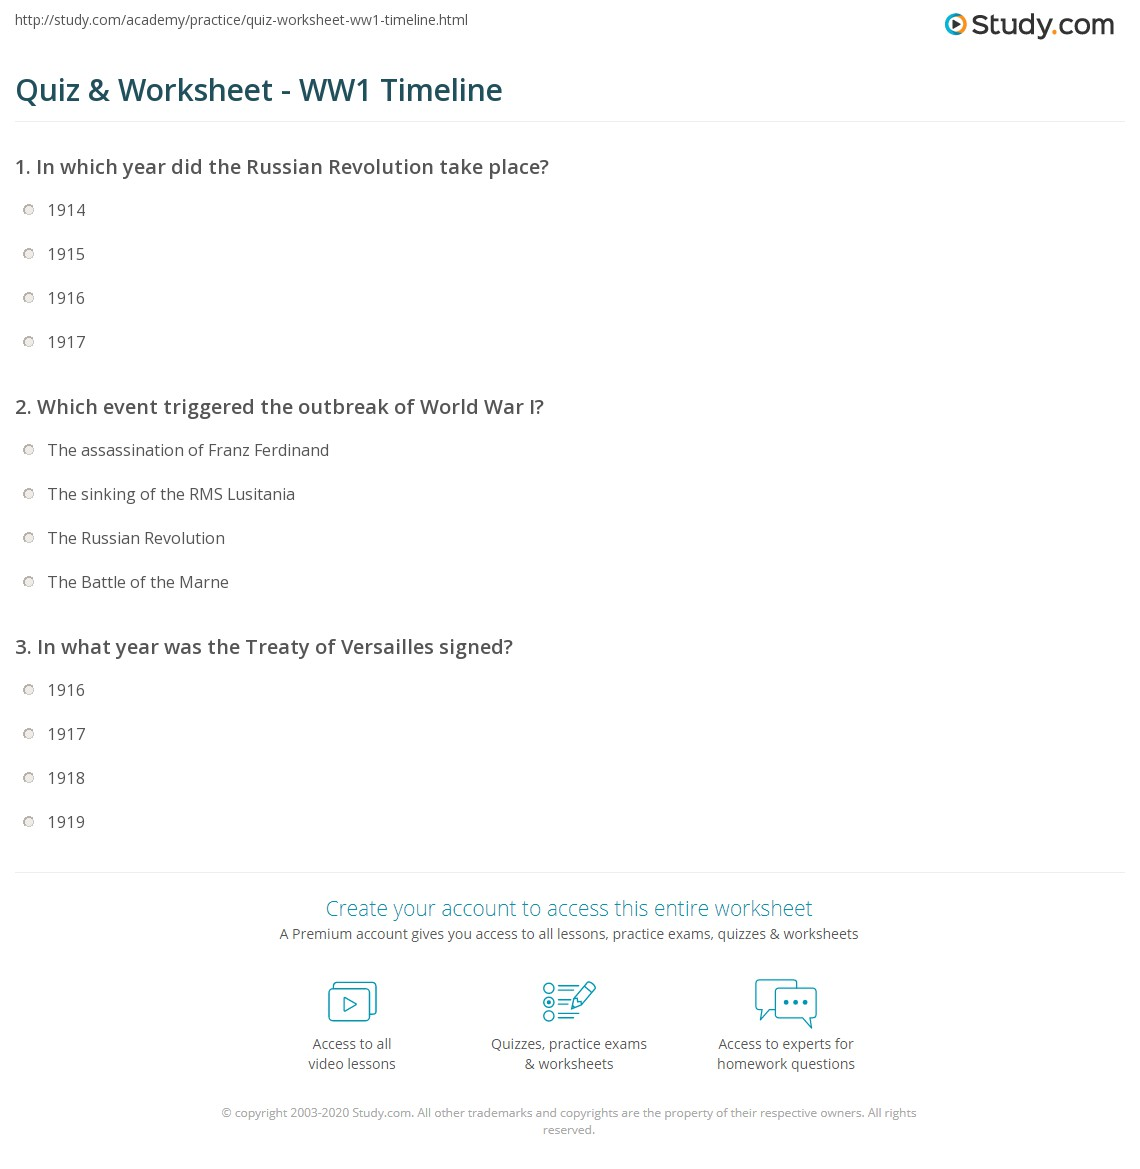 worksheet World War 1 Worksheet quiz worksheet ww1 timeline study com 1 which event triggered the outbreak of world war i